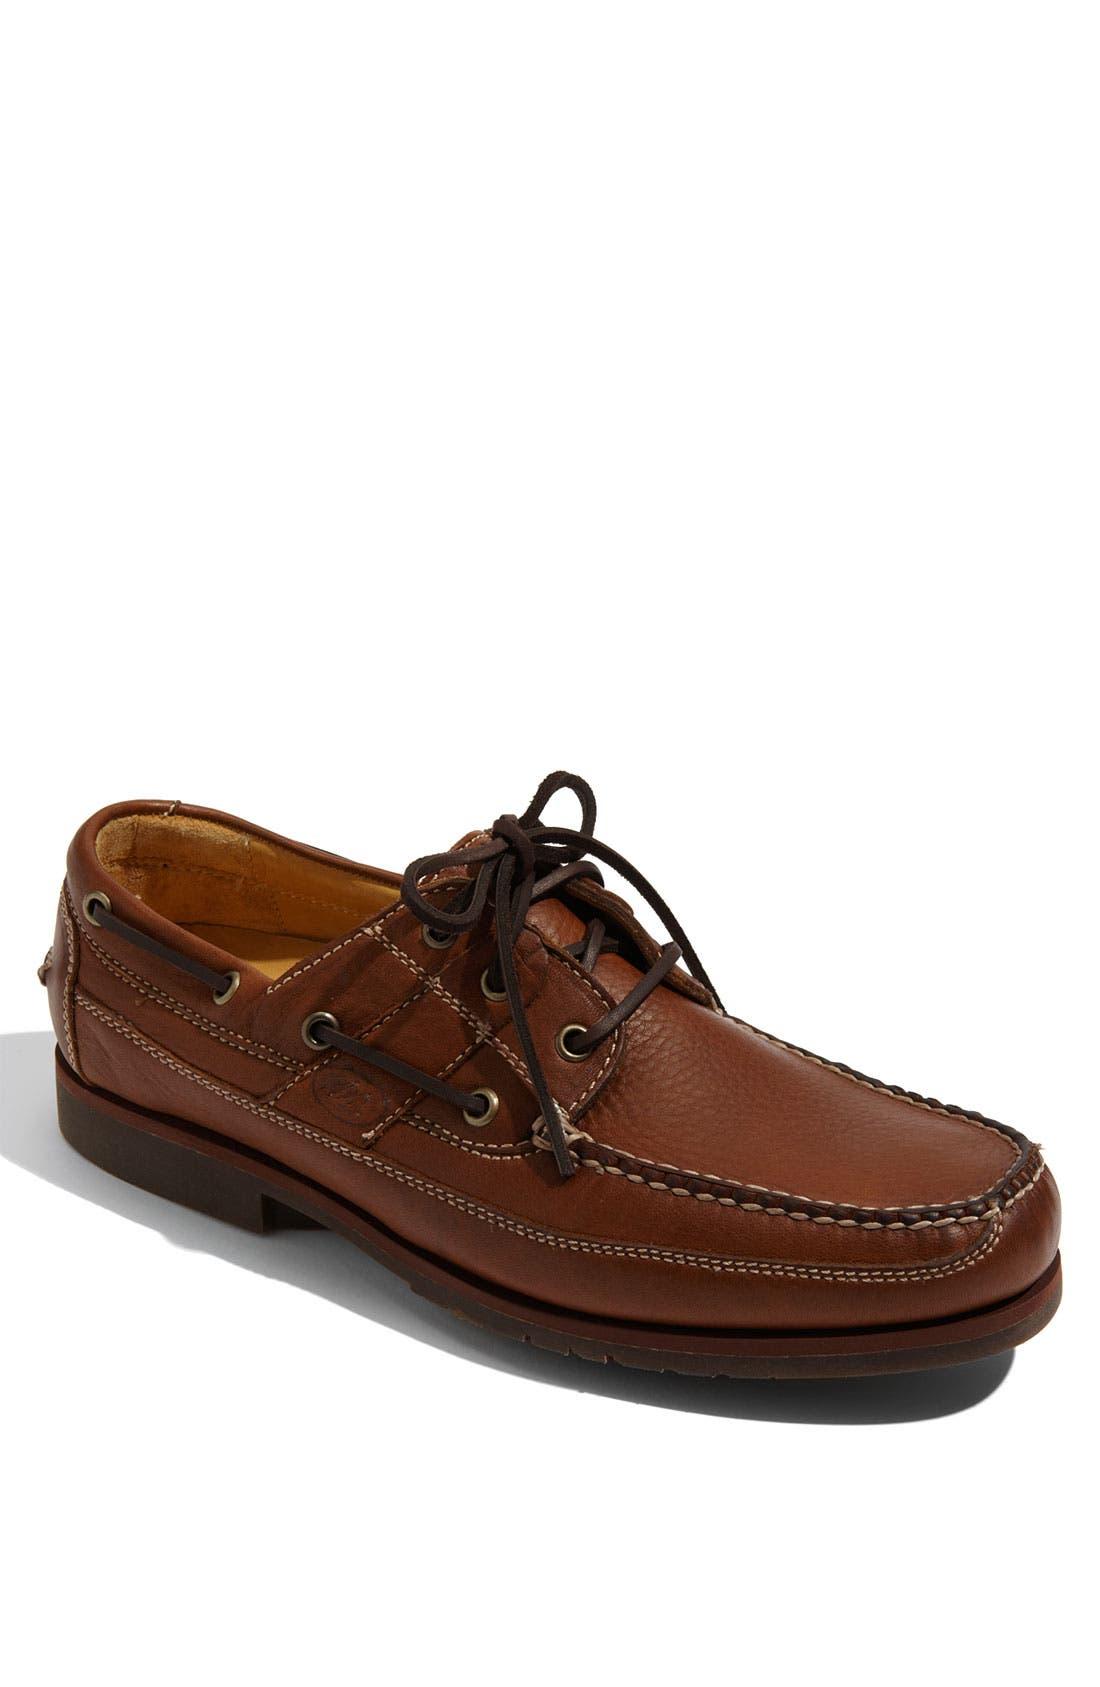 'Bridgeport' Boat Shoe,                         Main,                         color,